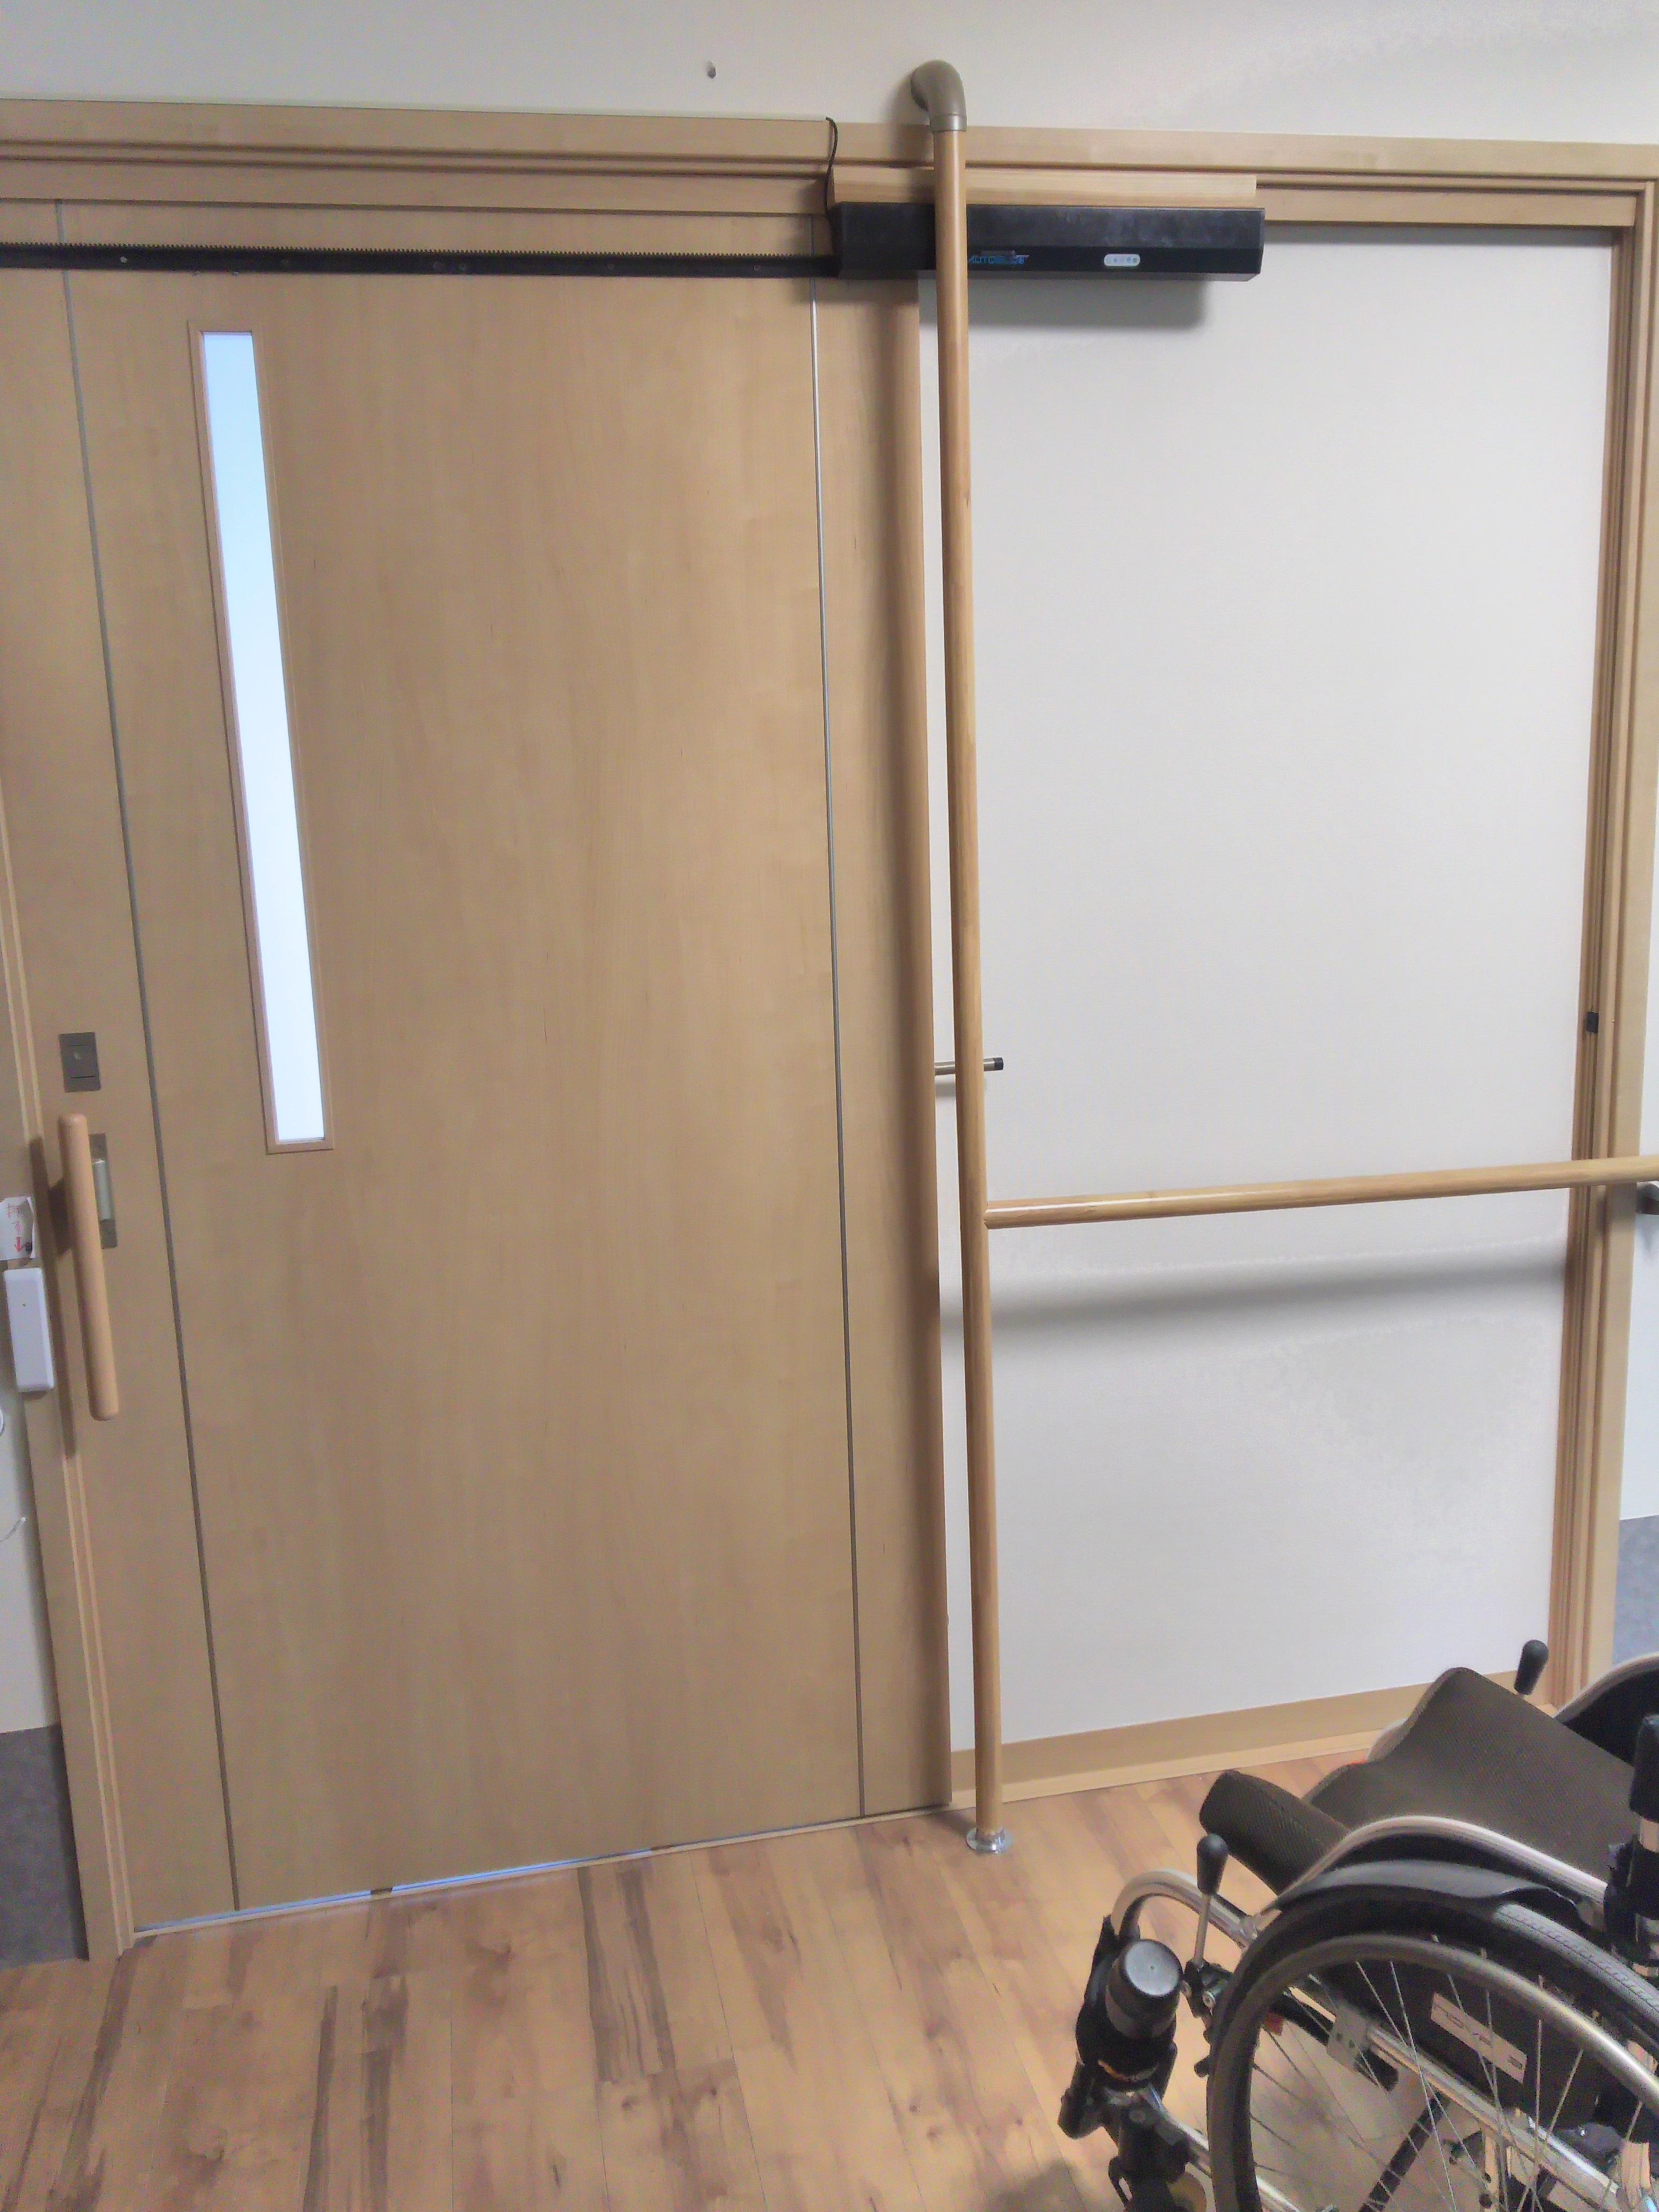 オートスライド設置例(車いすで通過するドアを自動化)